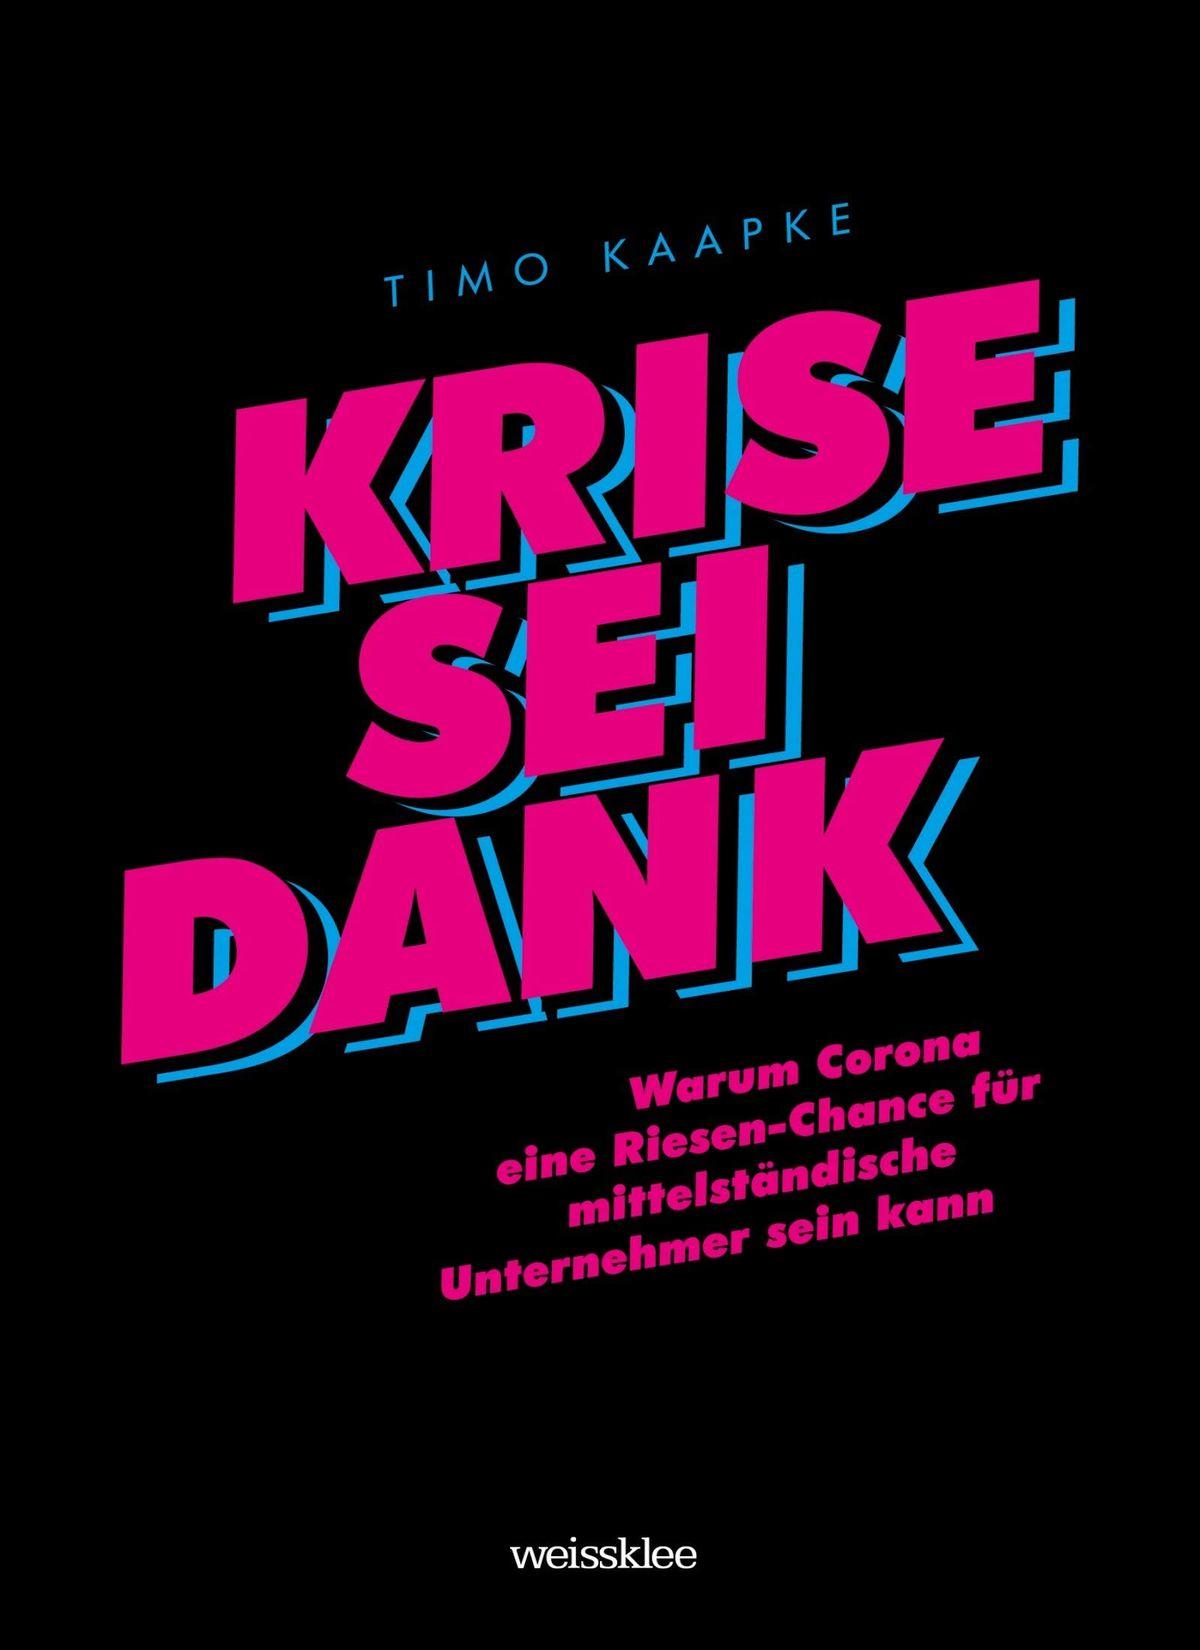 Timo Kaapke | Krise sei Dank 64 Seiten | Preis: 14,90 Euro ISBN 978-3-947-57280-9